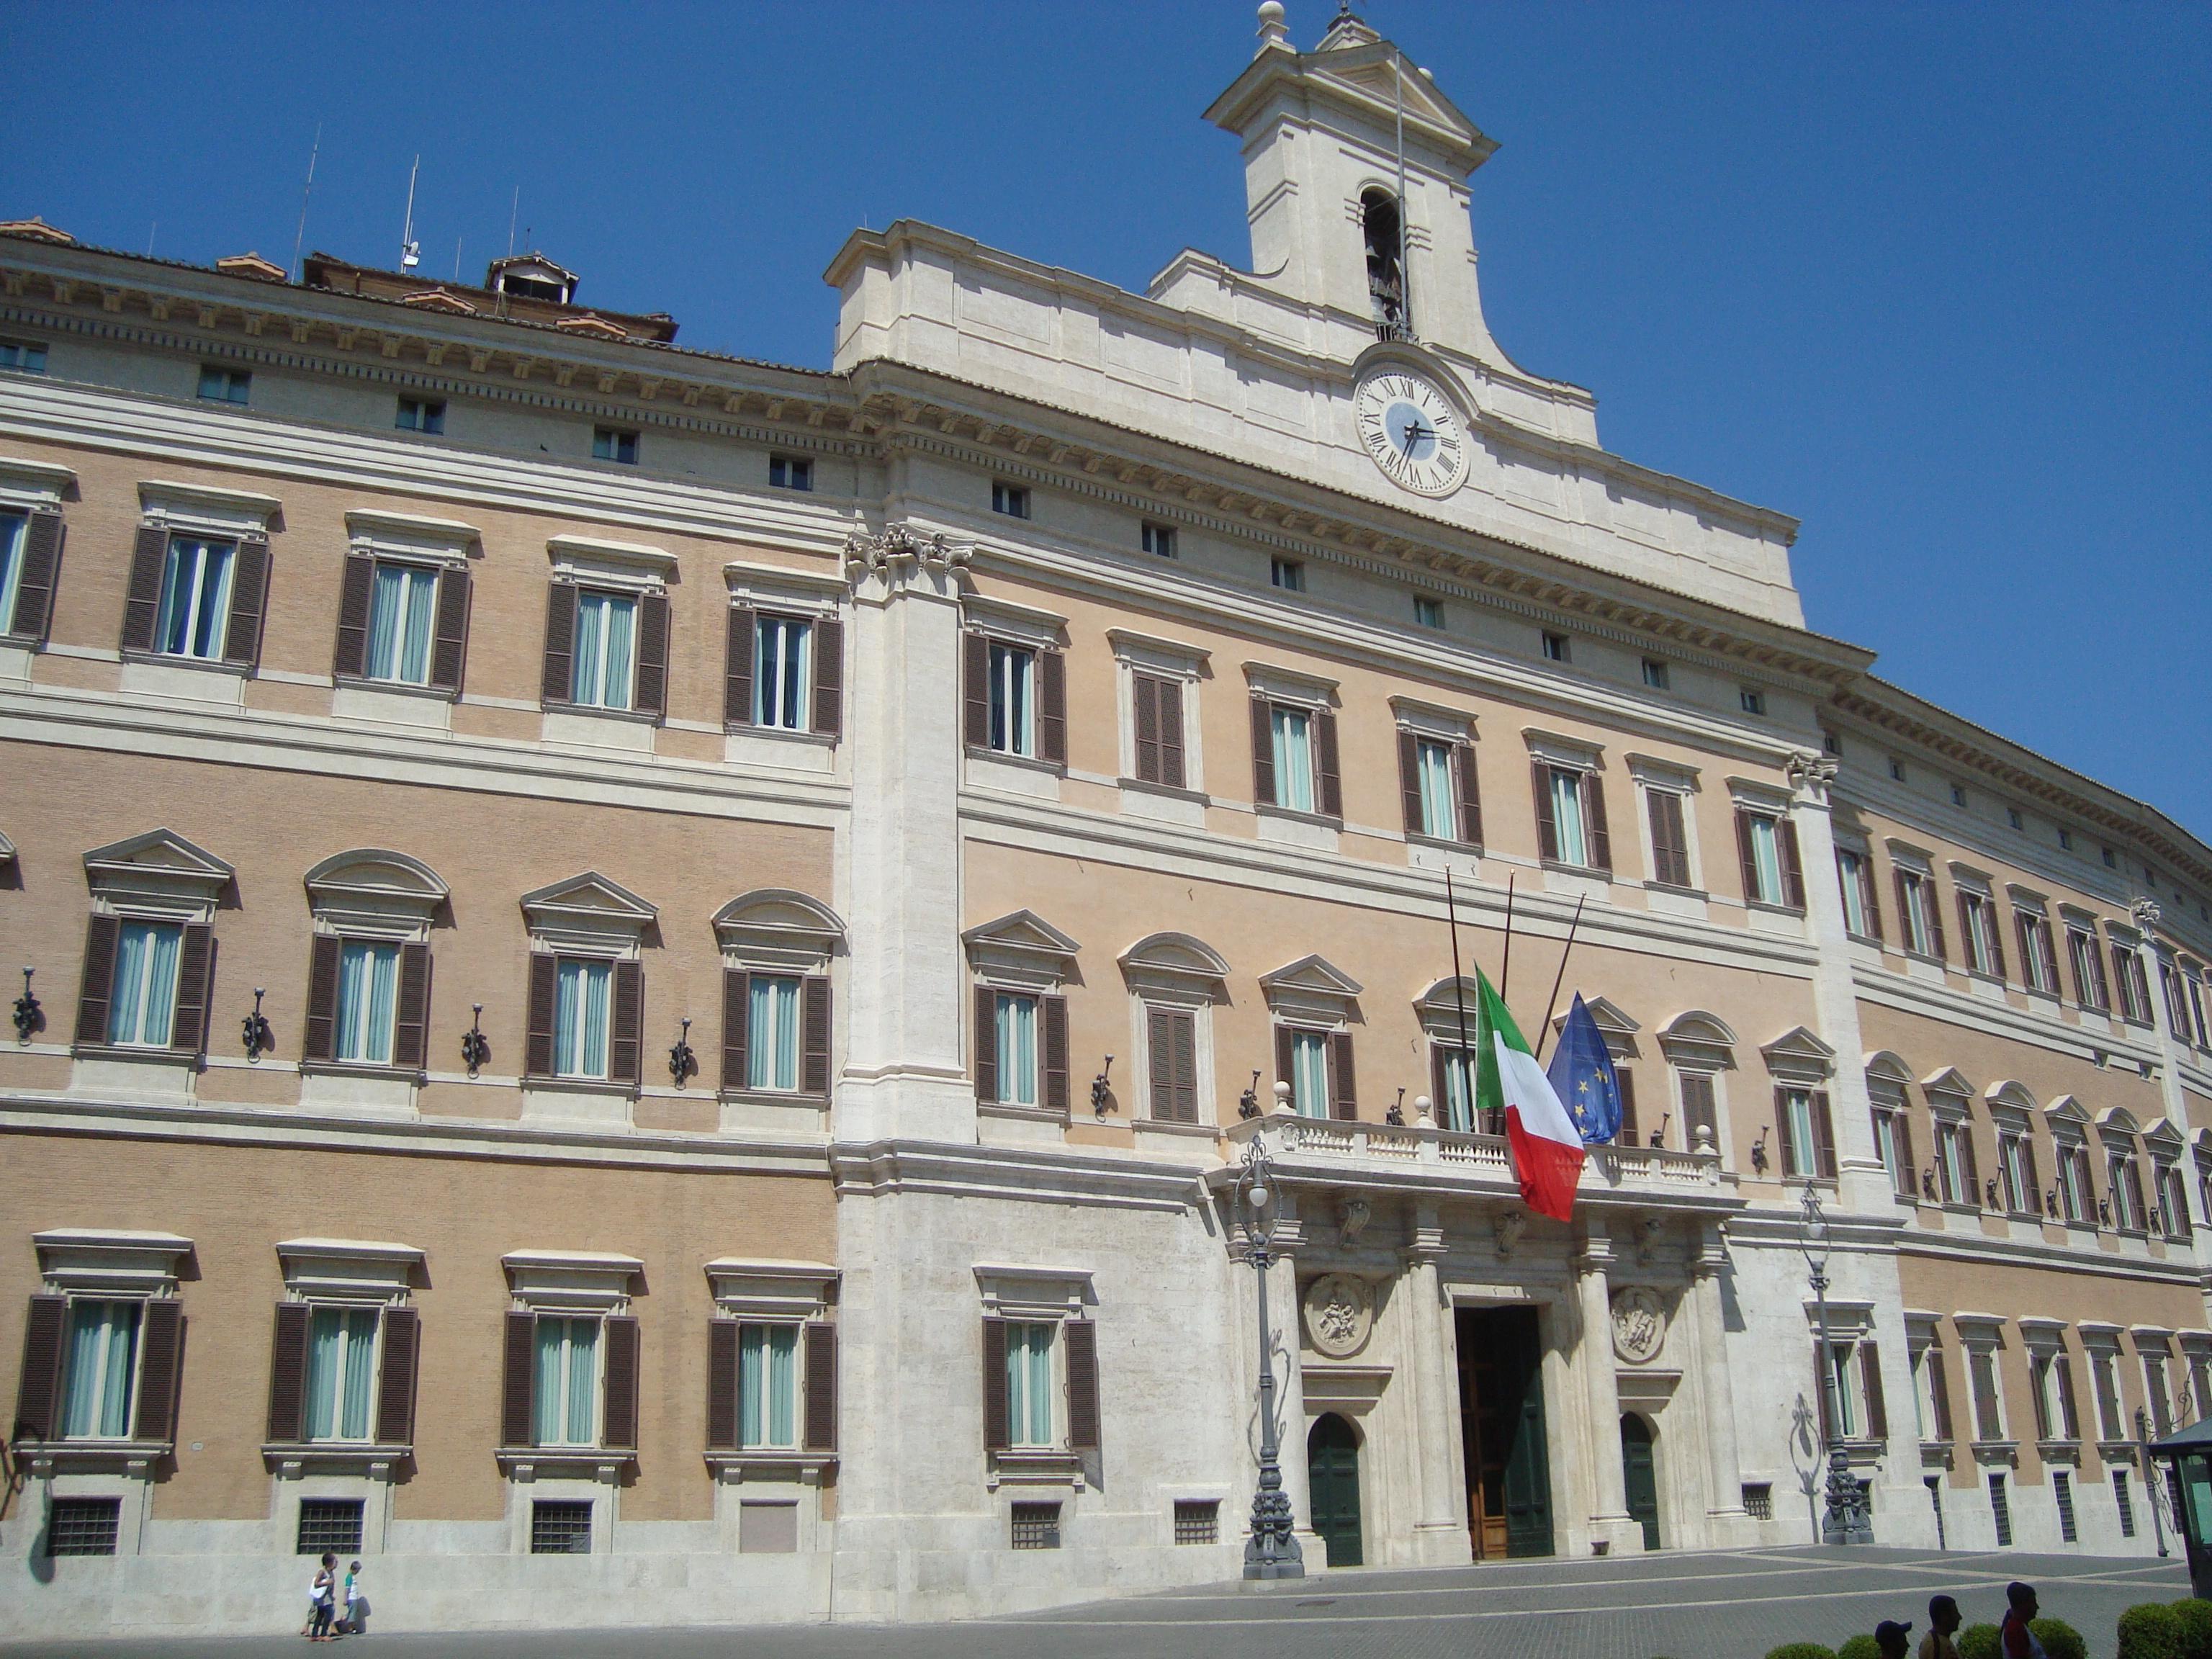 Palazzo Montecitorio (Italian Chambers of Deputies)